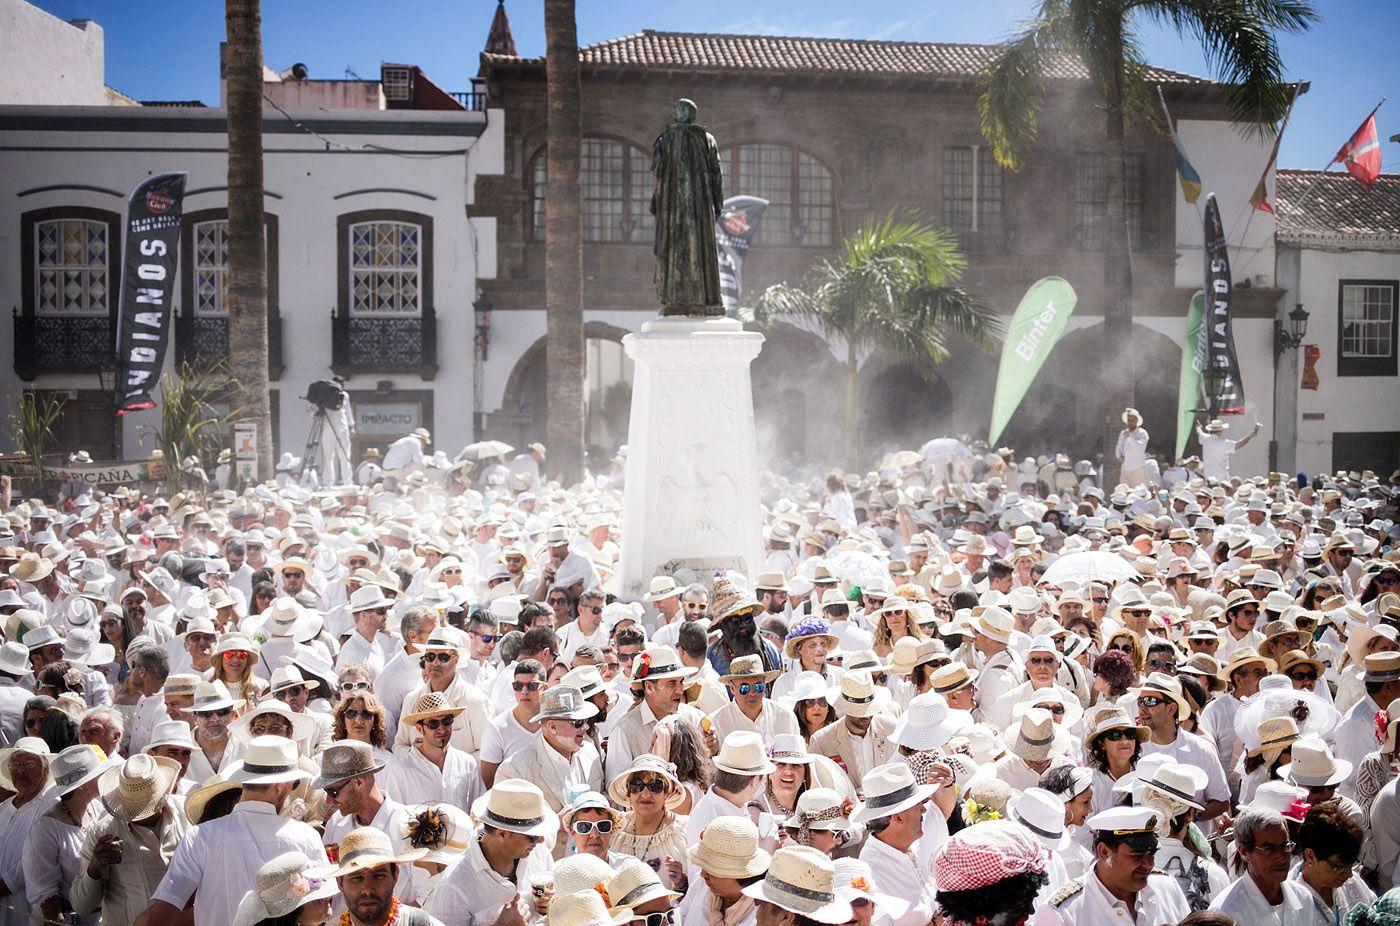 Grupo Mascarada Carnaval Cs Quiere Un Debate Sobre El Futuro De Los Indiano Carnaval Isla De La Palma Turistico